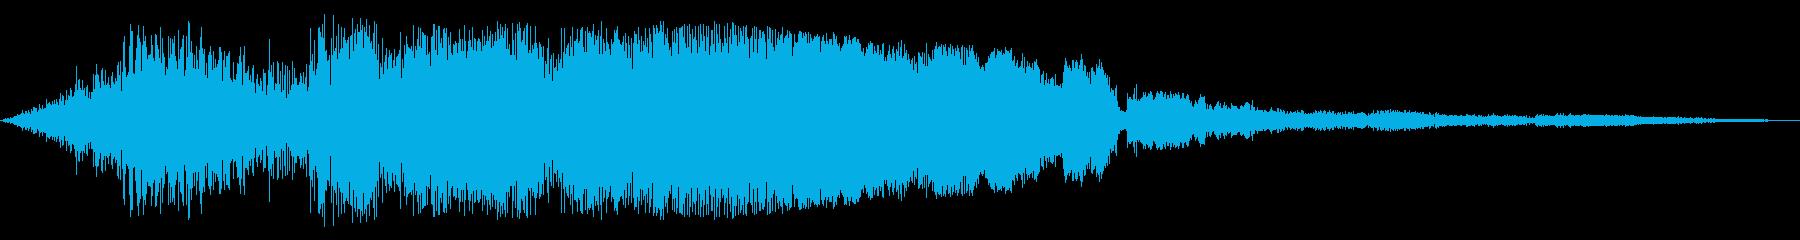 F1などのレース、エンジン音に最適!34の再生済みの波形